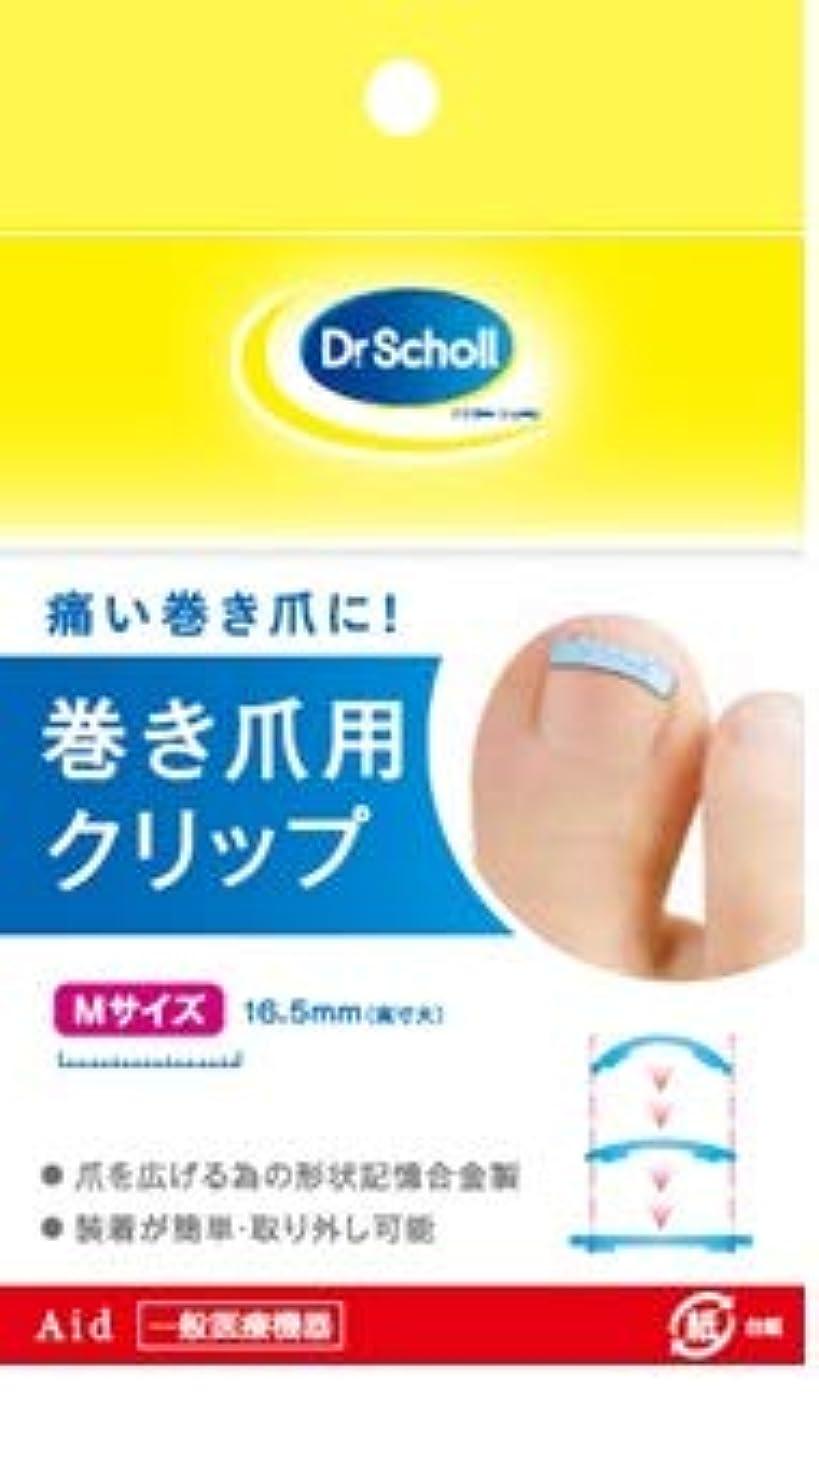 許すいうコーデリア【まとめ買い】ドクターショール 巻き爪用クリップ Mサイズ 一般医療機器 ×3個